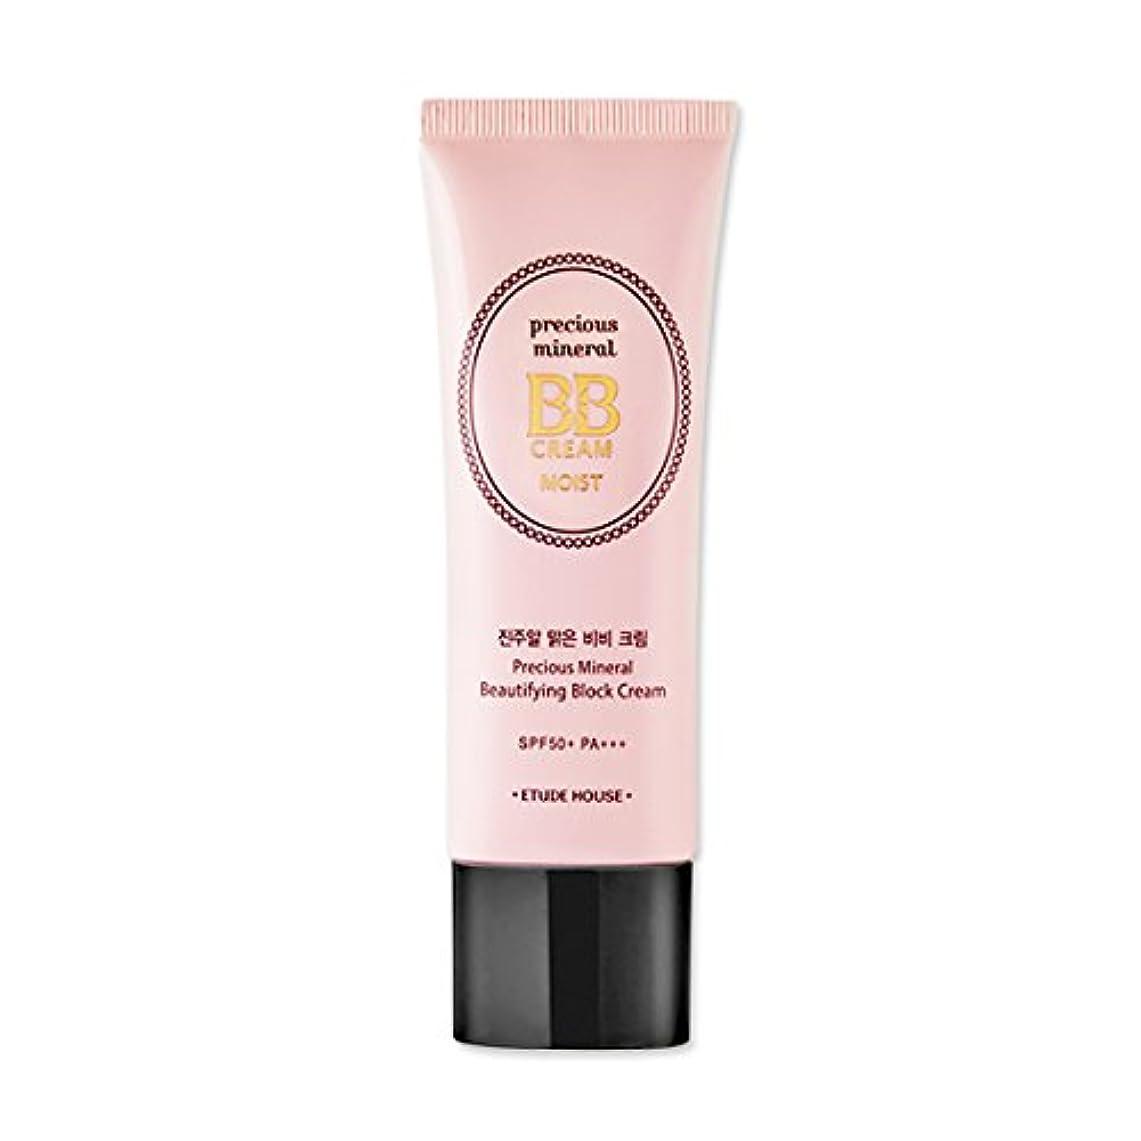 解くラジエーター大量[New] ETUDE HOUSE Precious Mineral BB Cream * Moist * 45g/エチュードハウス プレシャス ミネラル BBクリーム * モイスト * 45g (#Beige) [並行輸入品]